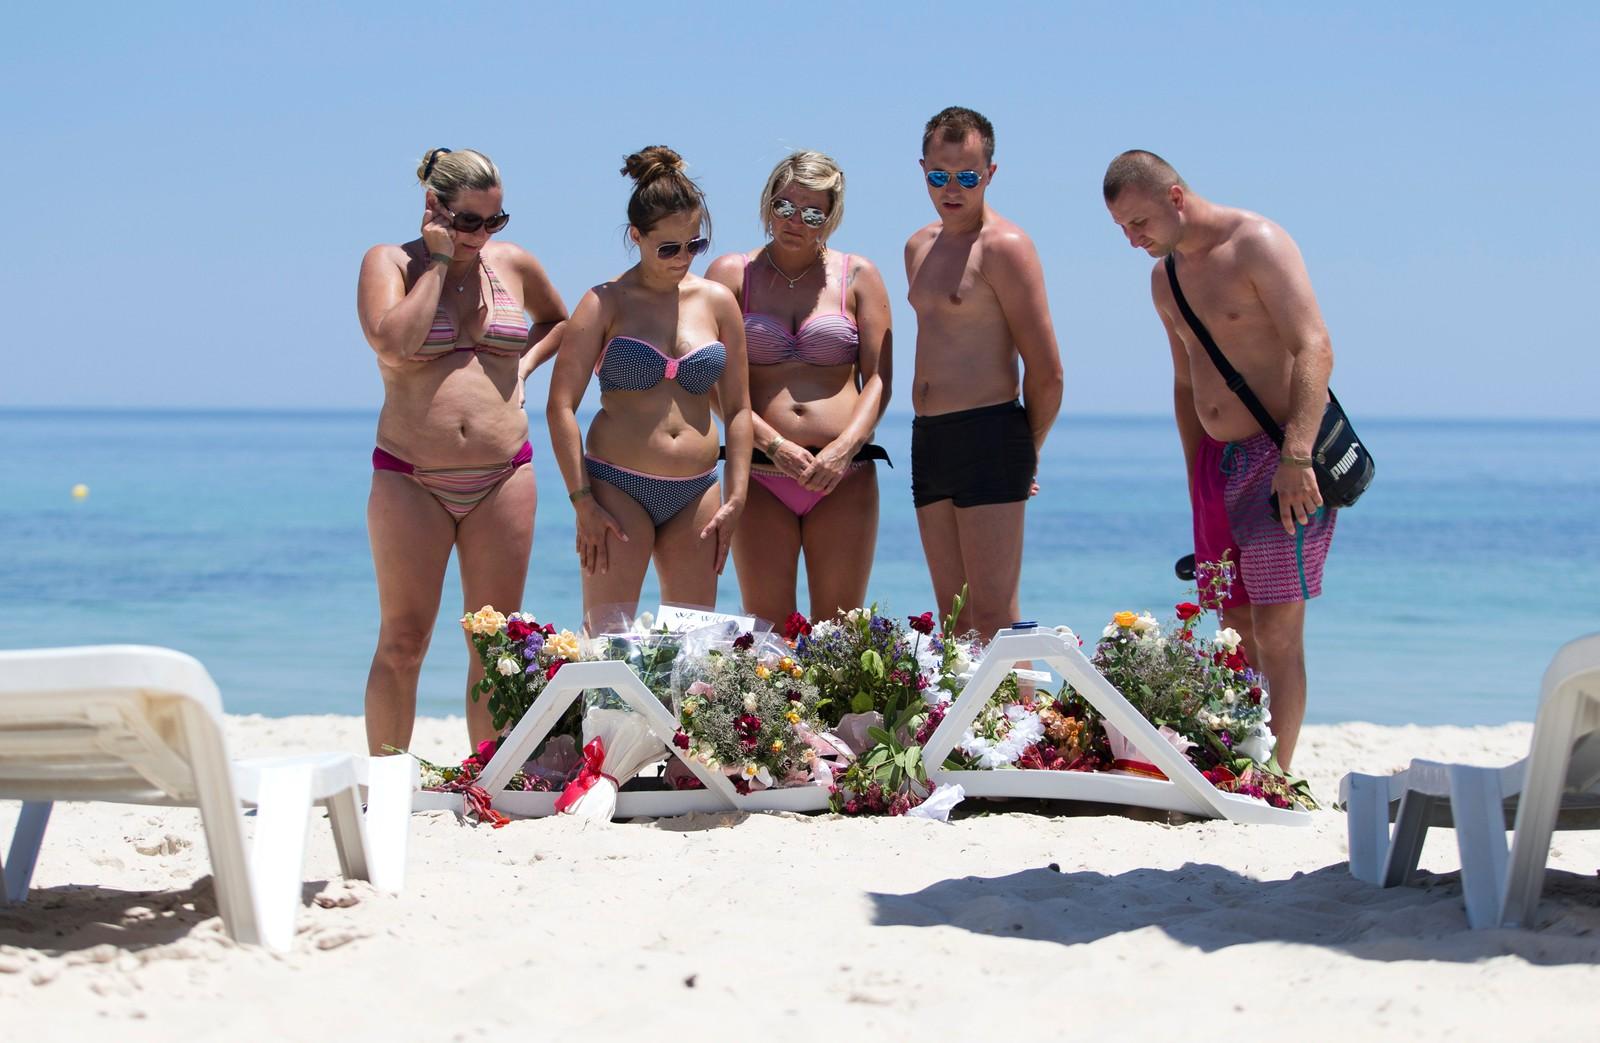 Turister minnes de døde etter et terrorangrep på stranden foran hotellet Riu Imperial Marhaba i Sousse, Tunisia. 22 personer ble drept i angrepet mot turister i feriebyen 18. mars.